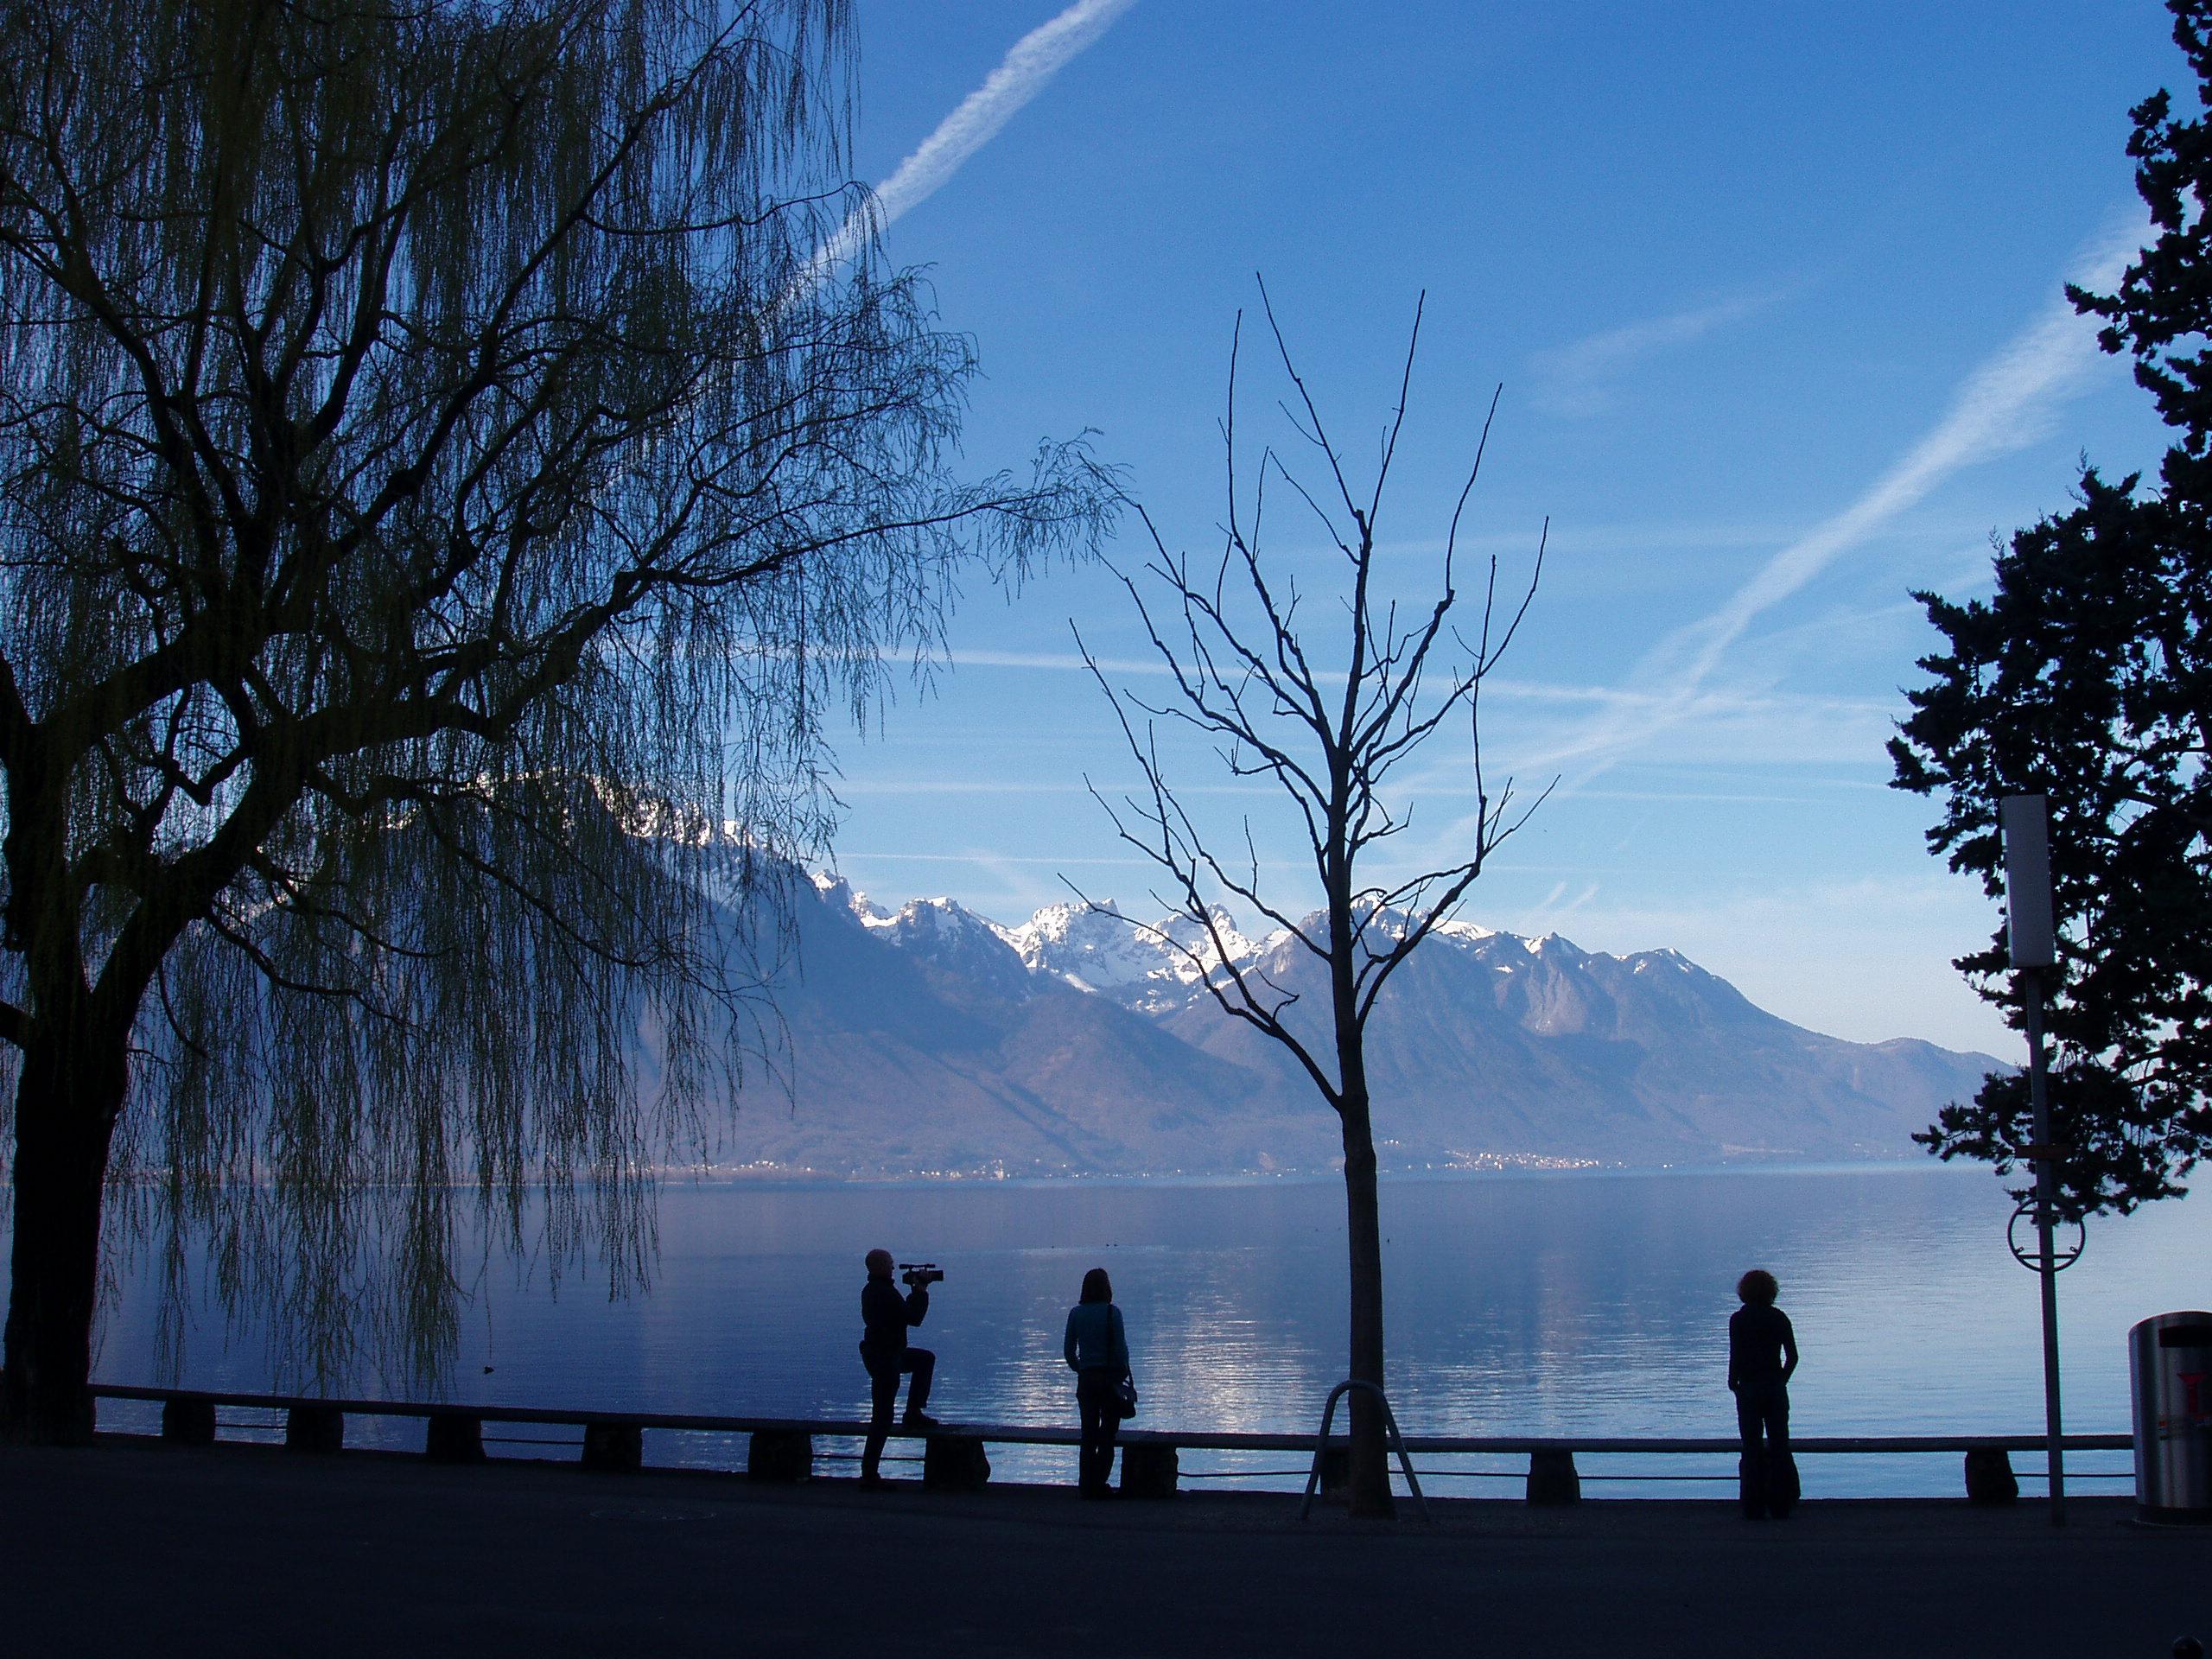 Image for Представьте Рекса Тиллерсона и Ри Ён Хо, прогуливающихся по берегам Женевского озера?